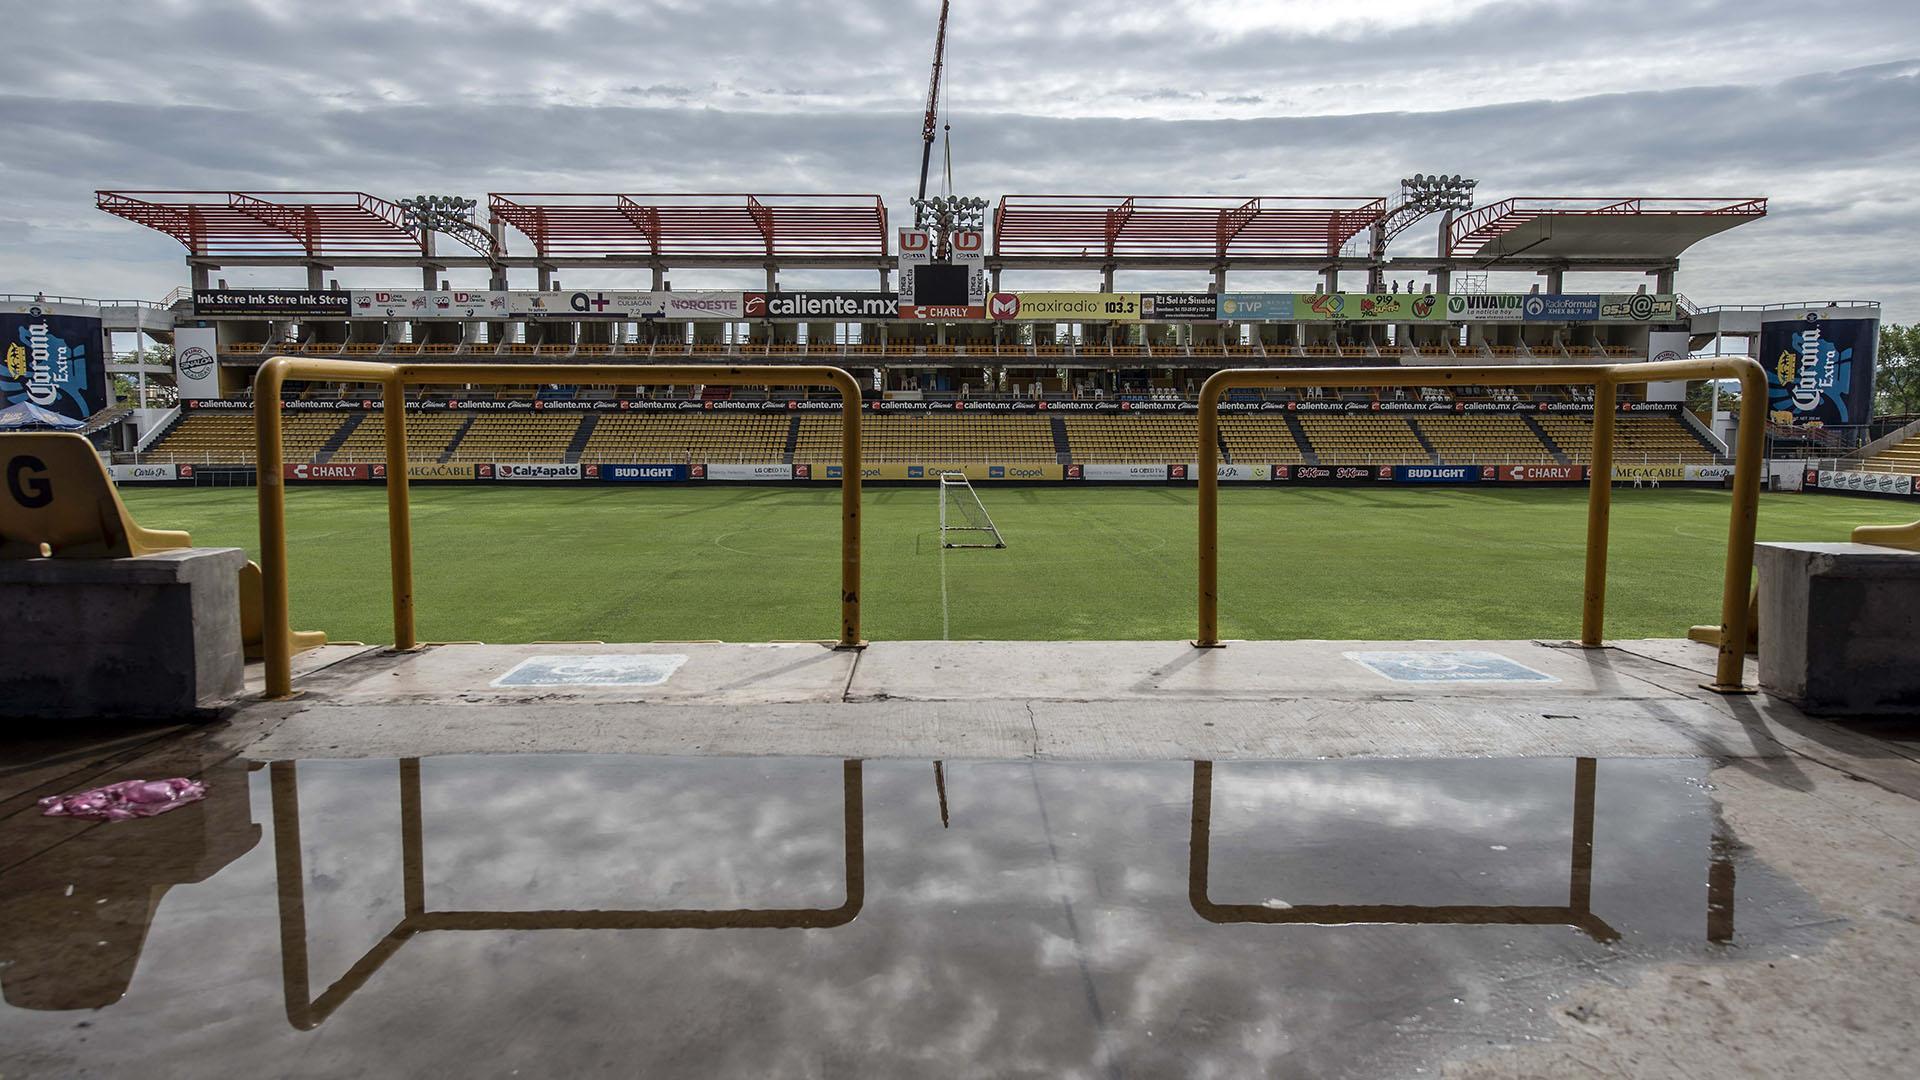 Vista del estadio Banorte, del club mexicano de segunda división Dorados, donde se espera que el futbolista argentino Diego Maradona sea presentado como nuevo entrenador del equipo esta tarde en Culiacán, estado de Sinaloa, México (AFP)